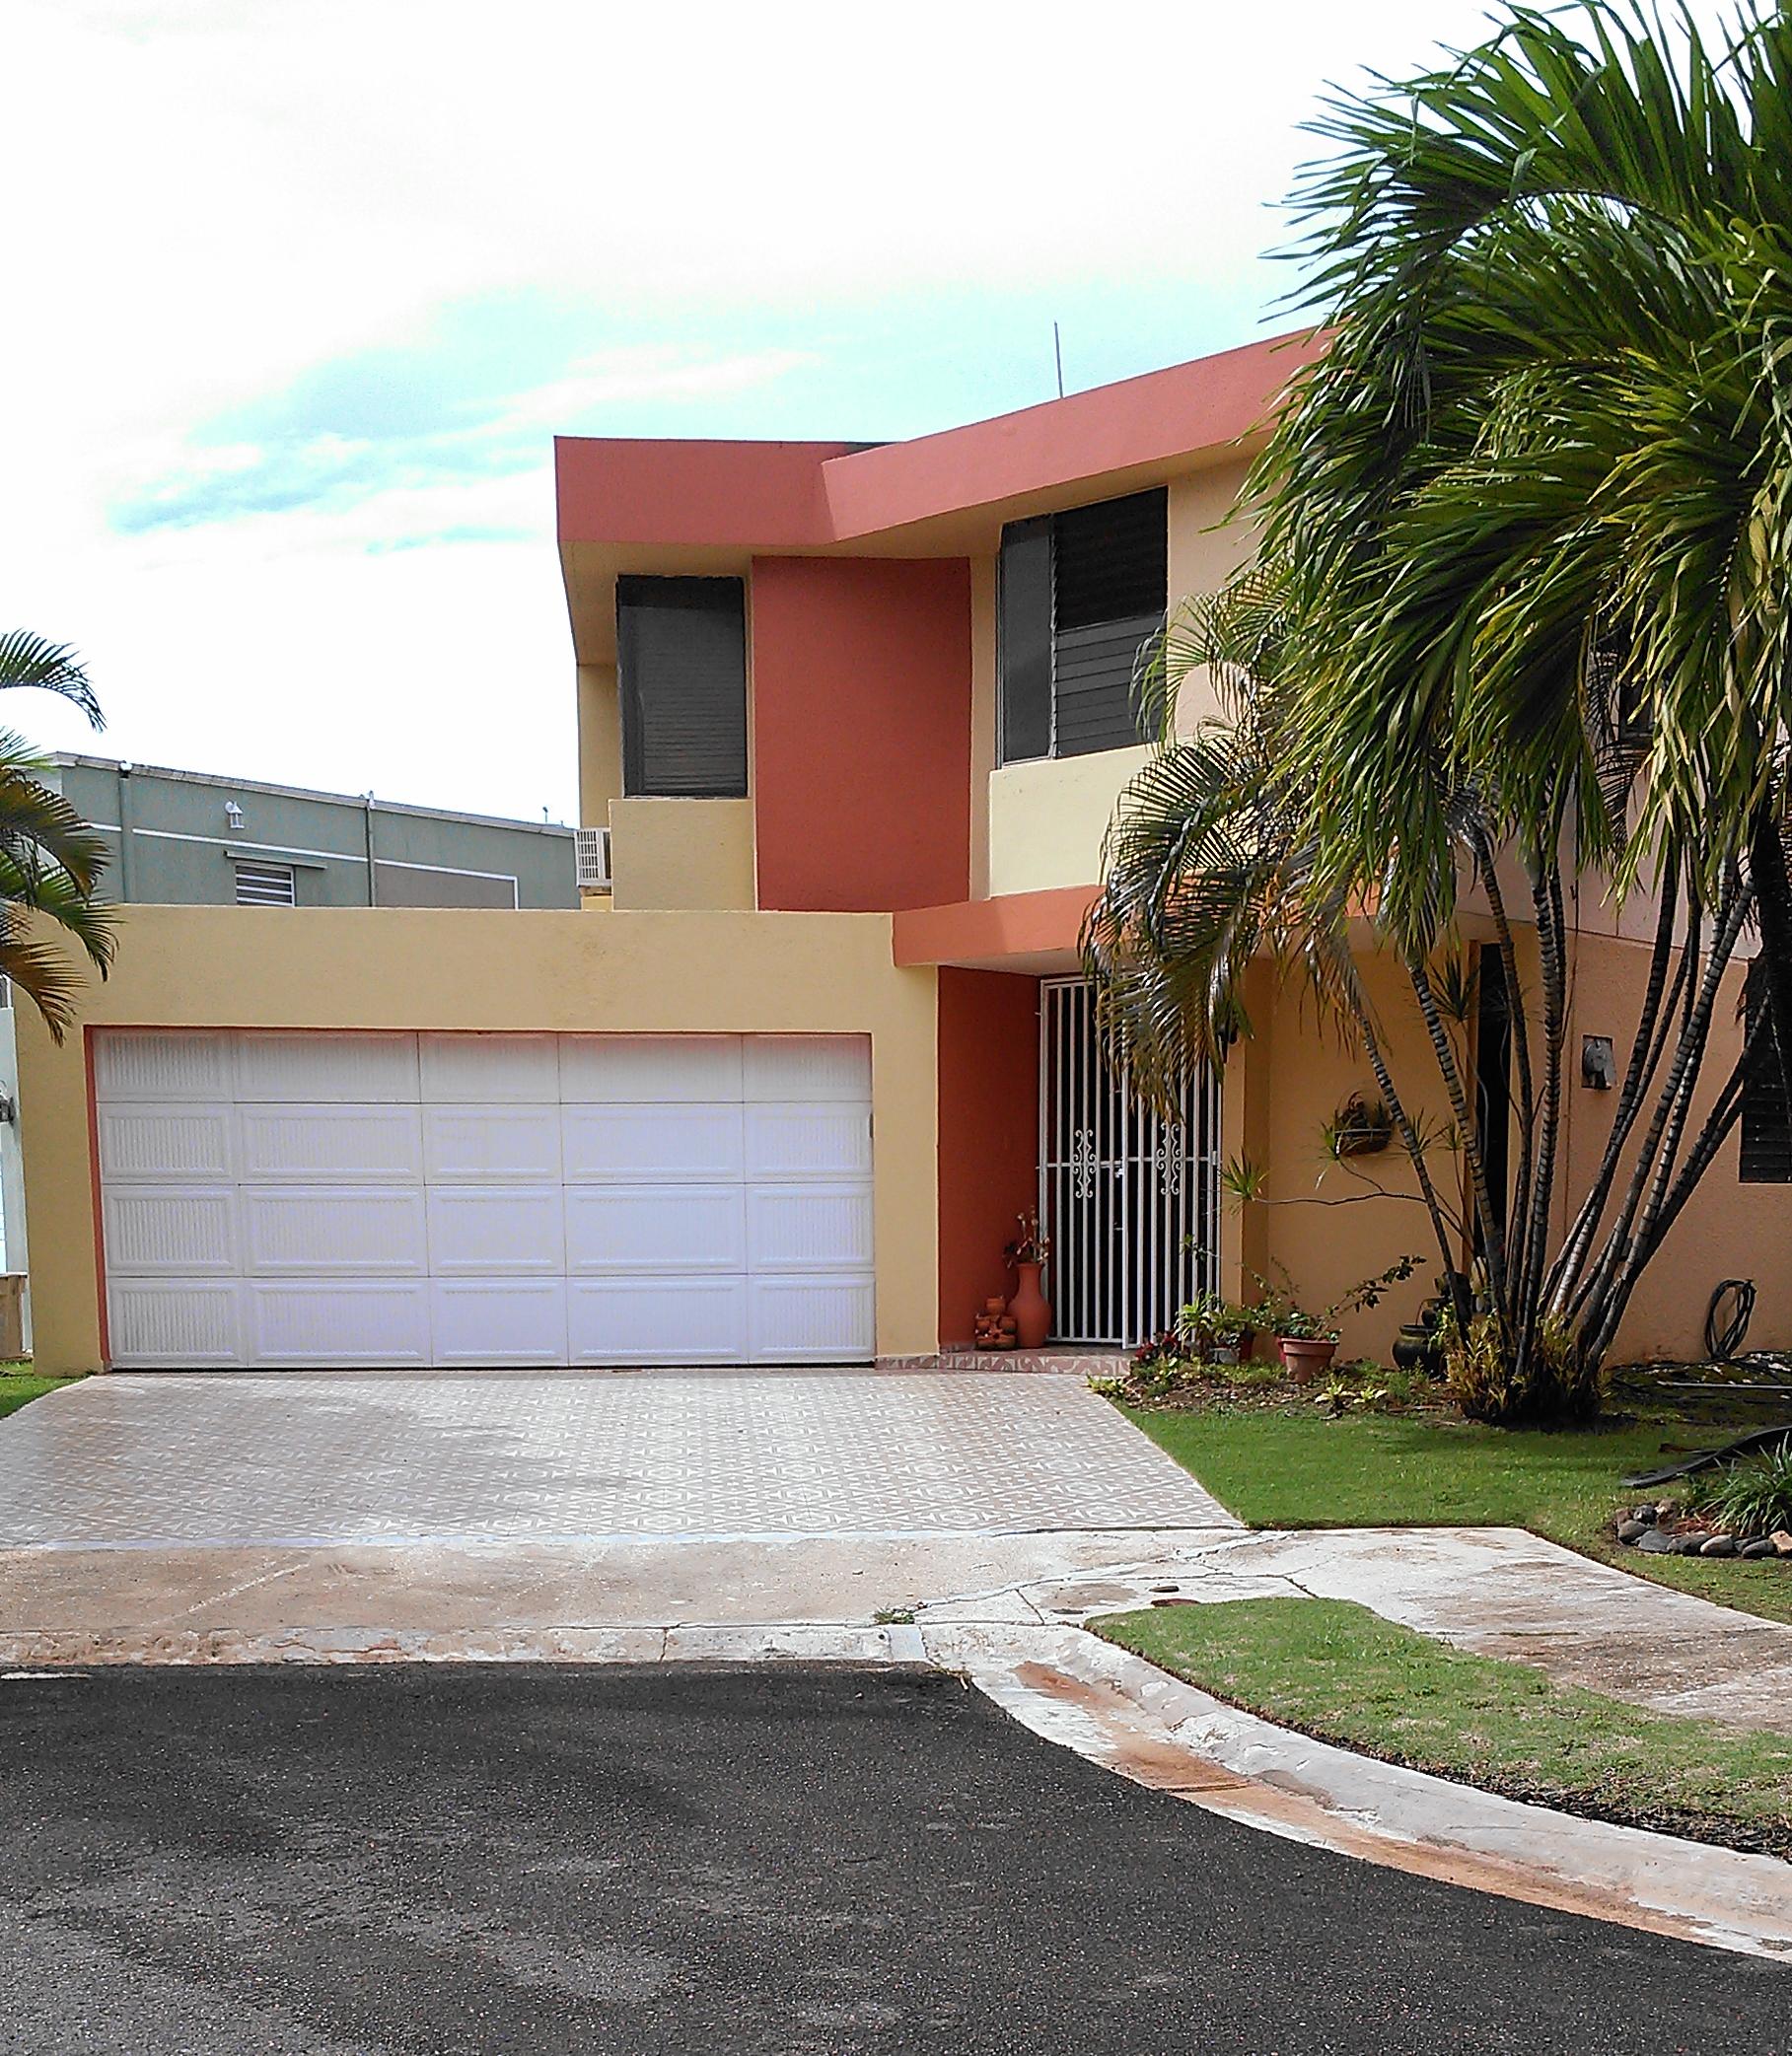 Casa de esquina para alquiler con piscina jacuzzi 4h 3 for Casas con piscina barcelona alquiler